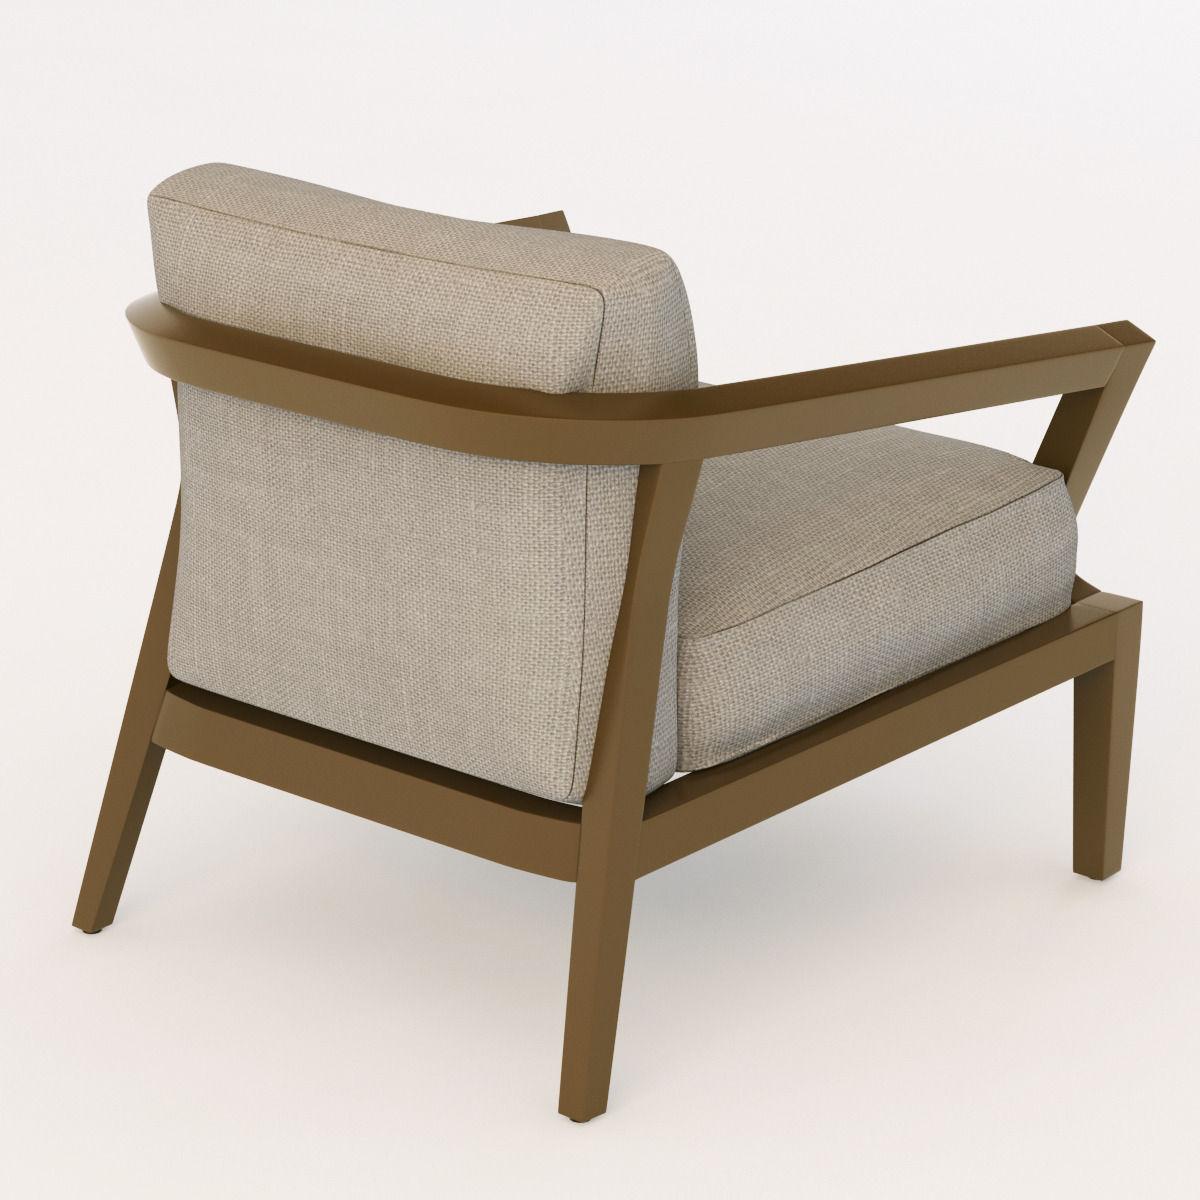 Roche Bobois Echoes Chair 3d Model Max Obj 3ds Fbx Mtl